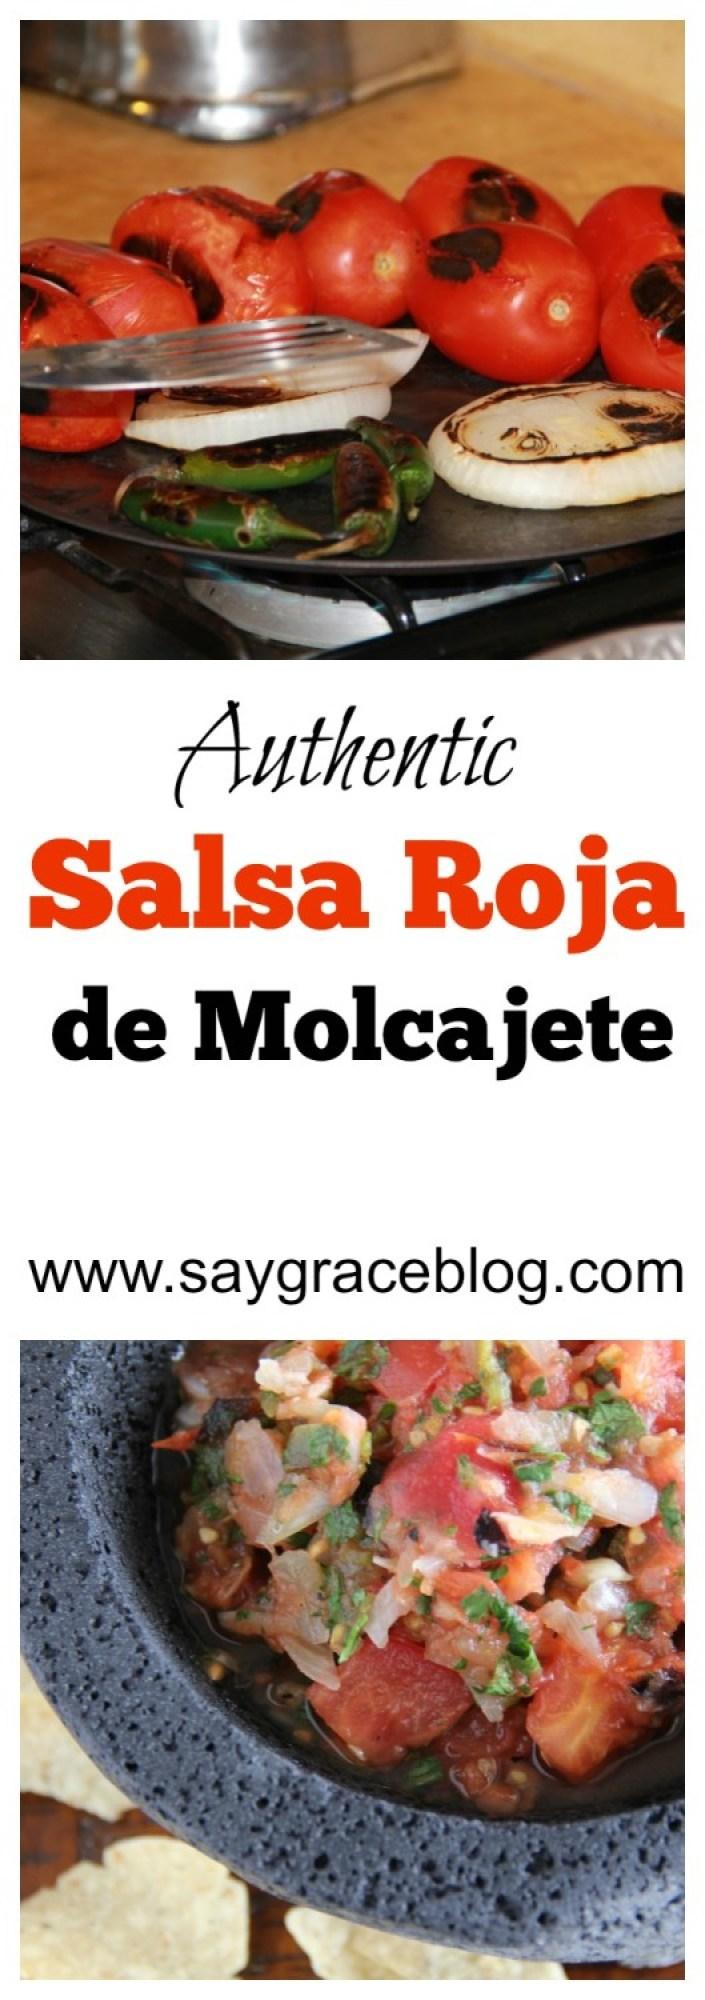 SALSA ROJA DE MOLCAJETE